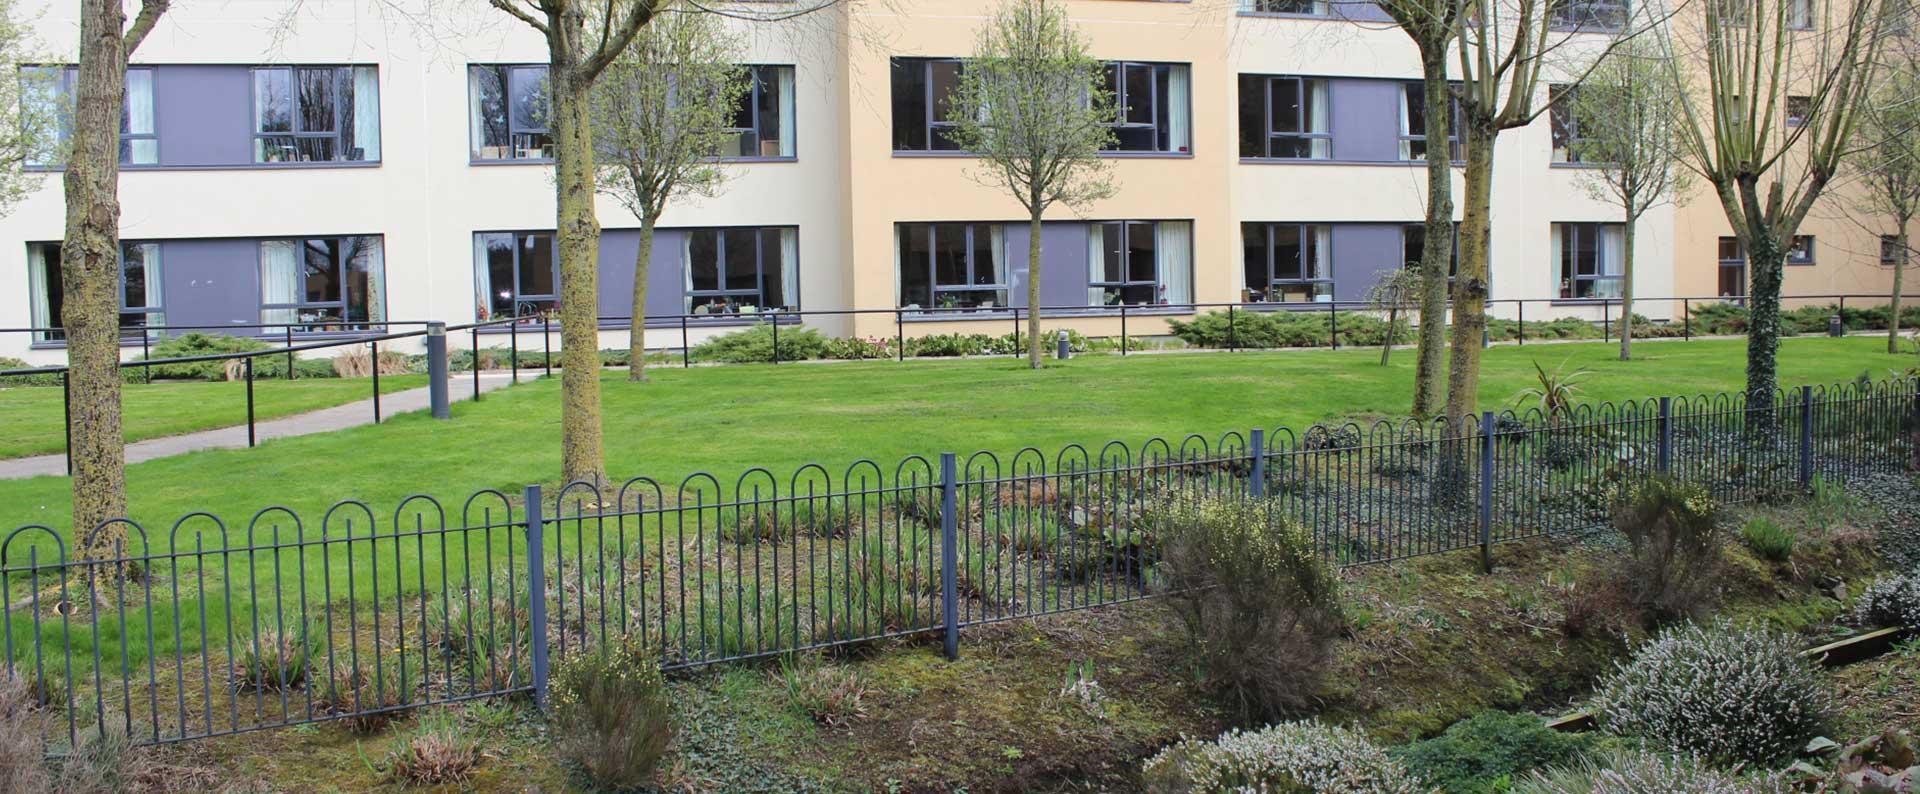 Knightsbridge Nursing Home, Meath